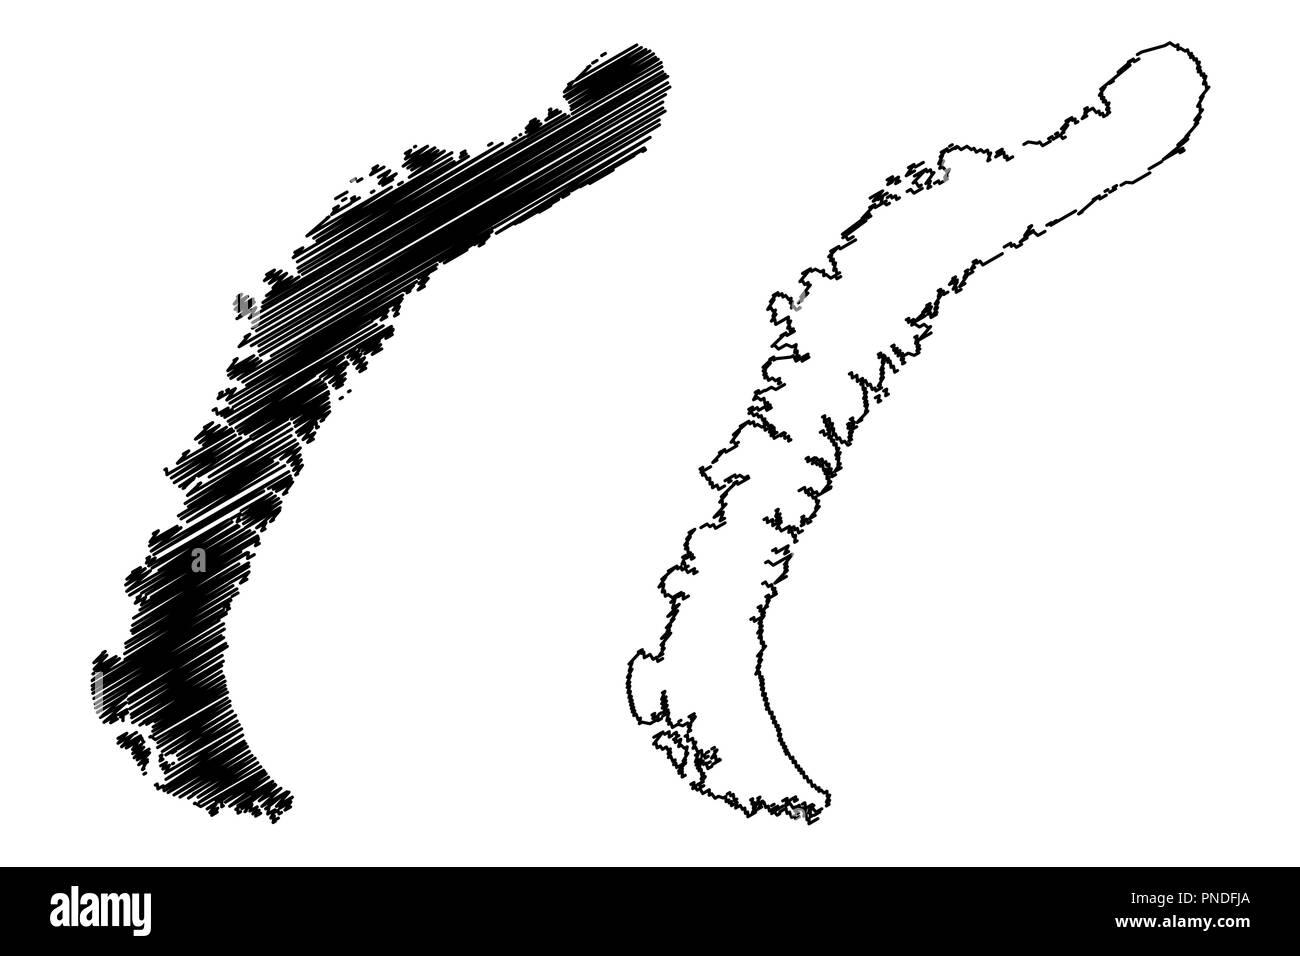 Nowaja Semlja (Archipel von Russland, Severny Insel und Yuzhny Insel) Karte Vektor-illustration, kritzeln Skizze Nova Zembla Karte Stock Vektor